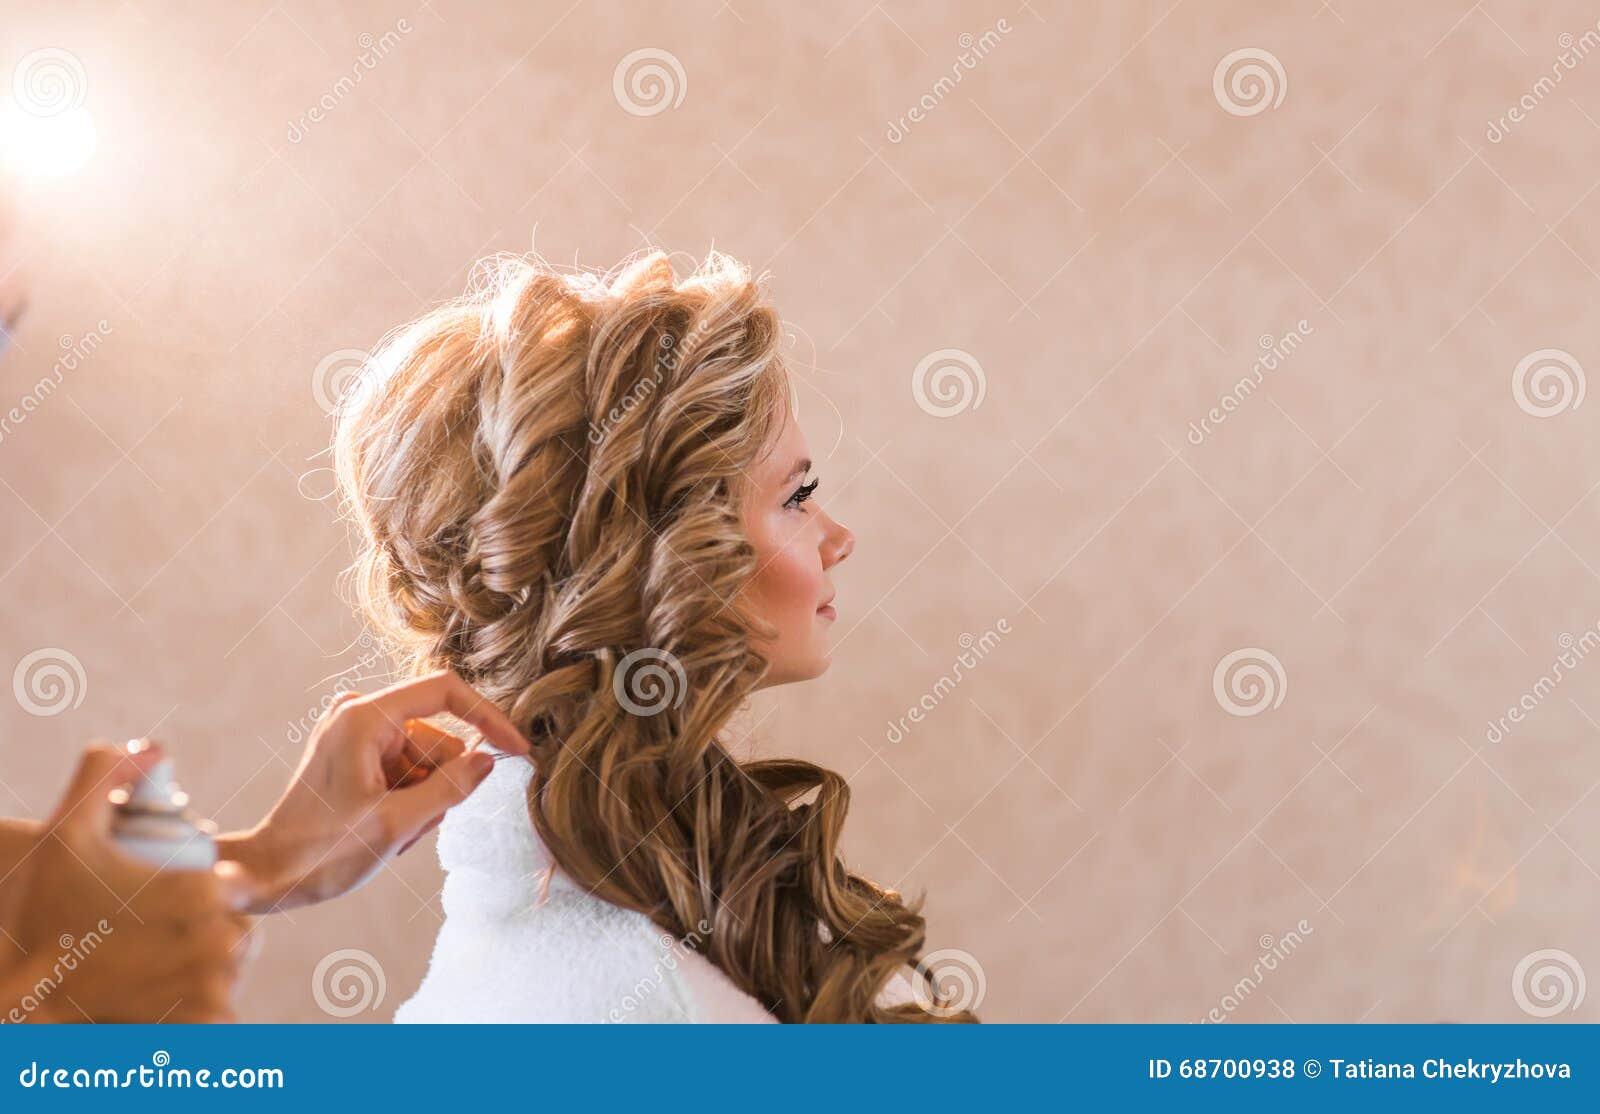 Визажист свадьбы делая невесту компенсировать Красивая сексуальная модельная девушка внутри помещения Женщина красоты белокурая с